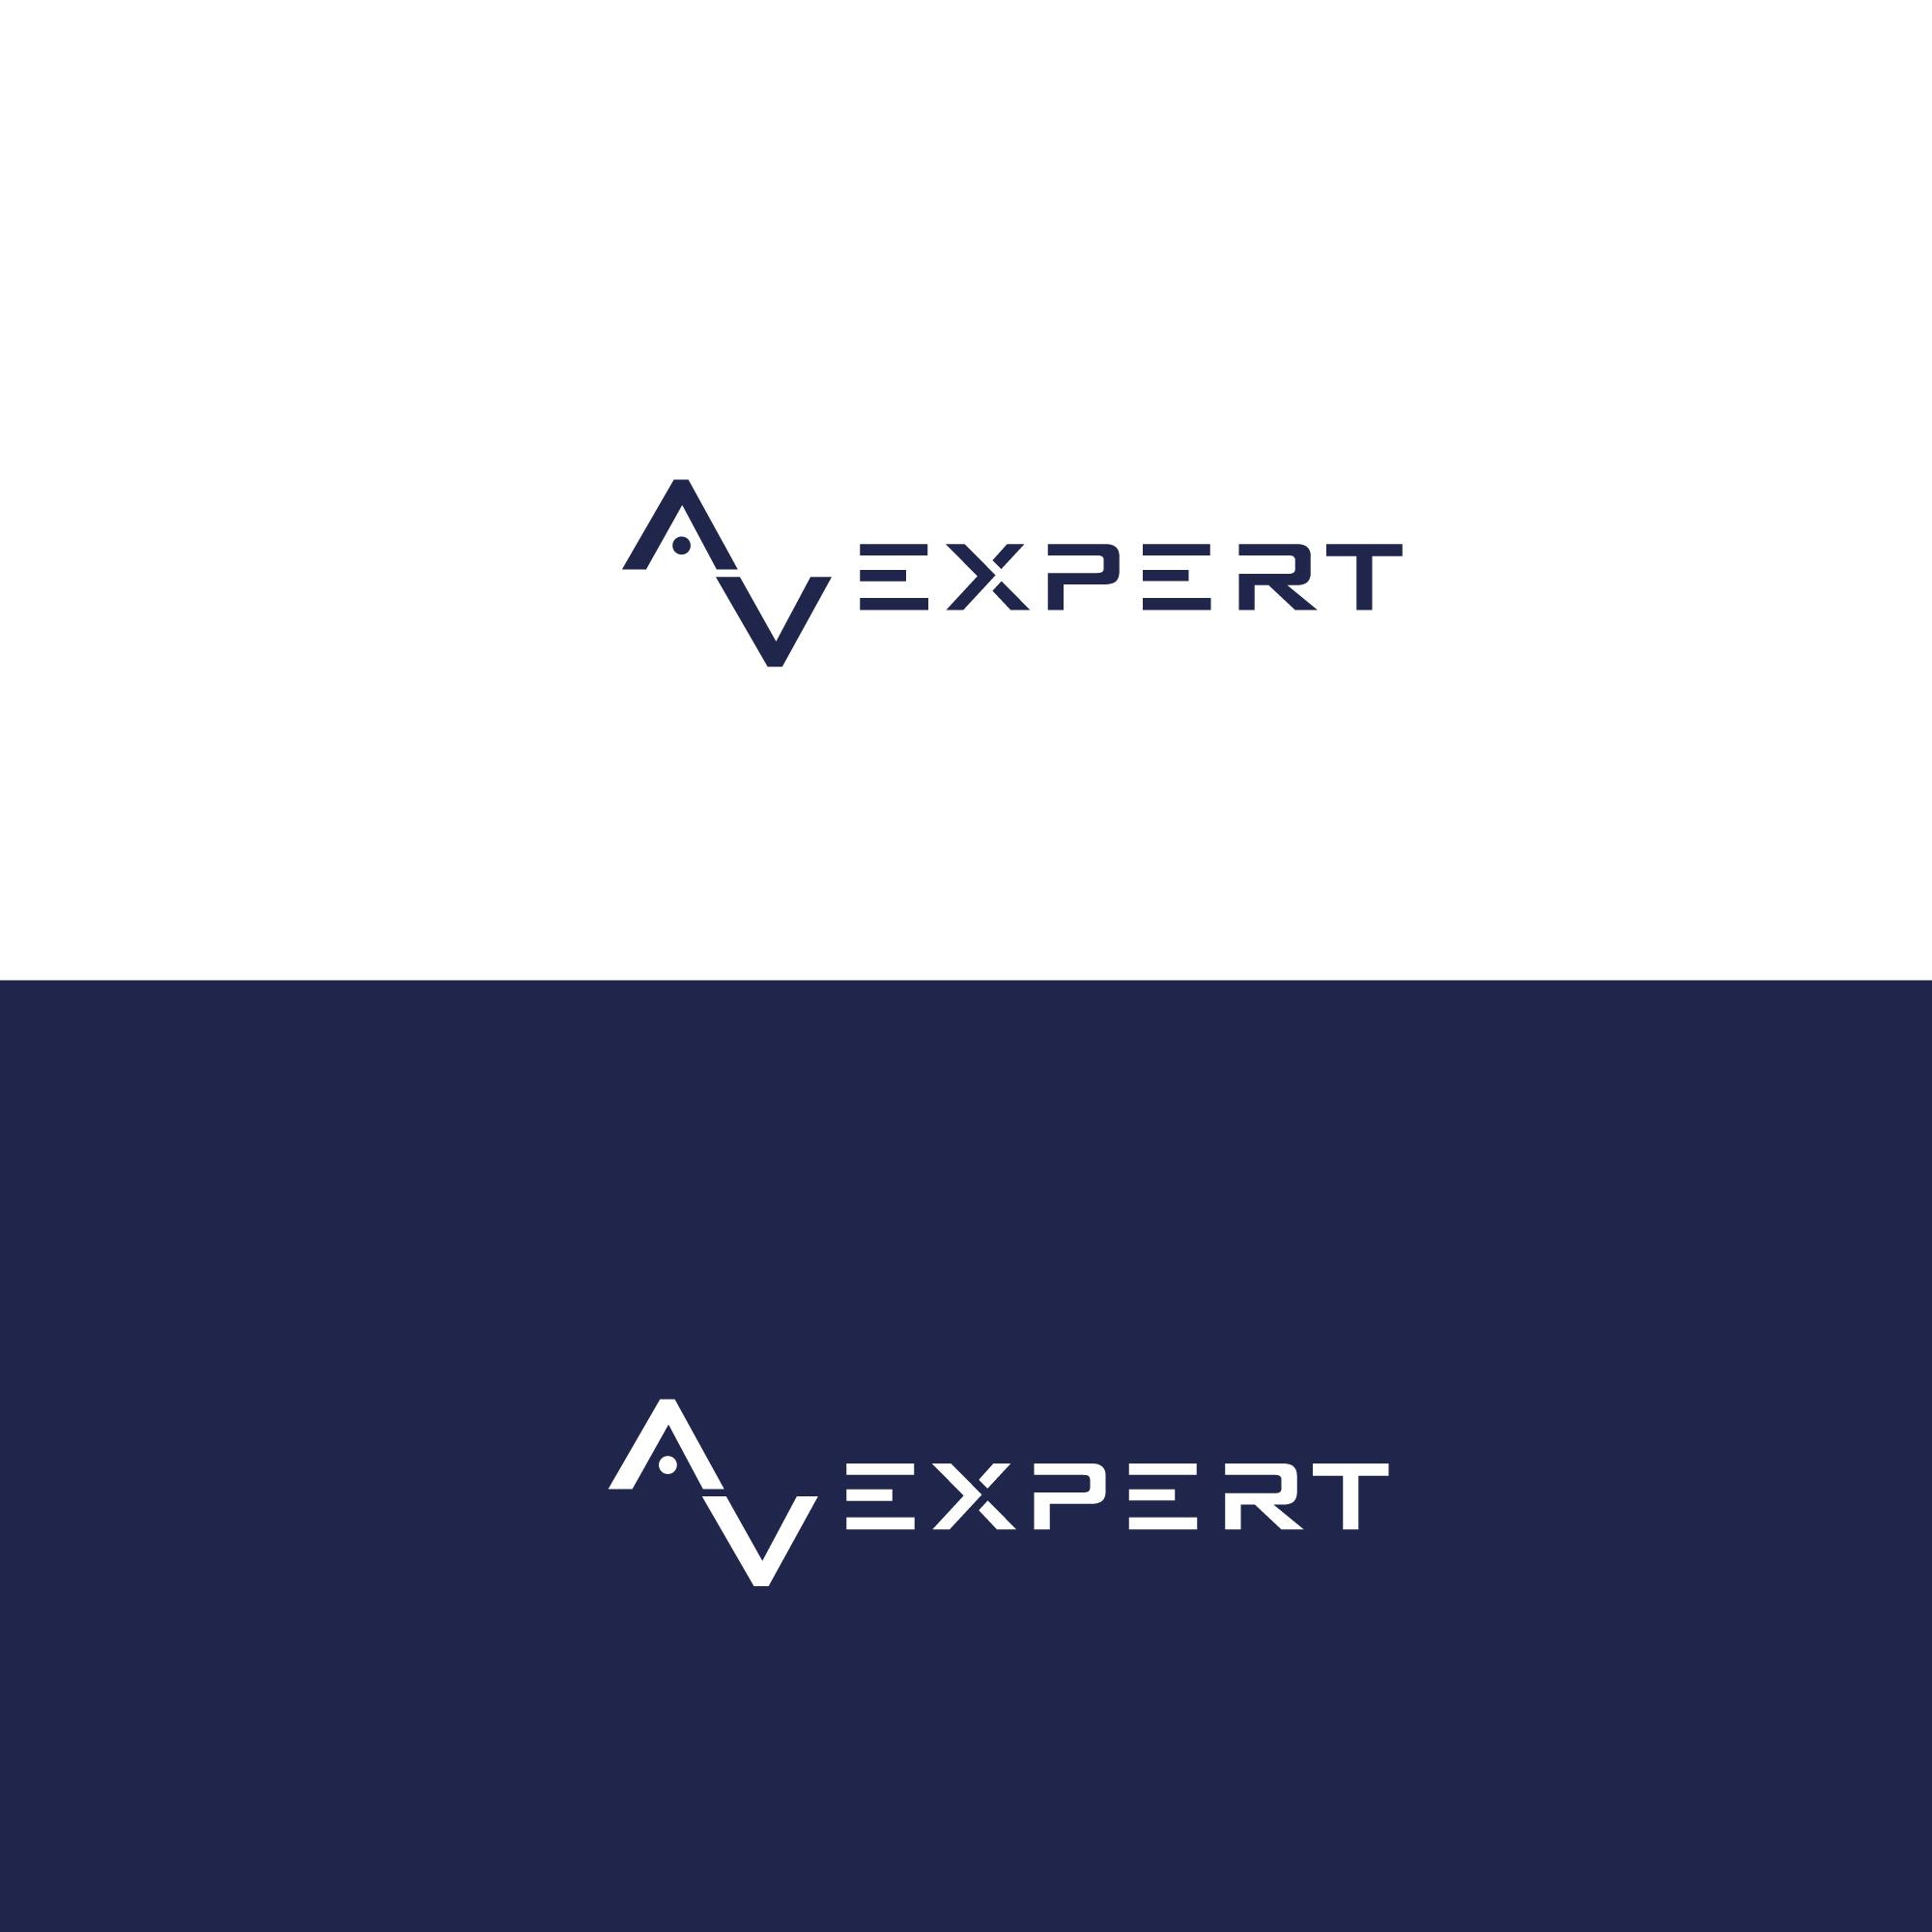 Создание логотипа, фирстиля фото f_4005c62a80f69c7b.jpg